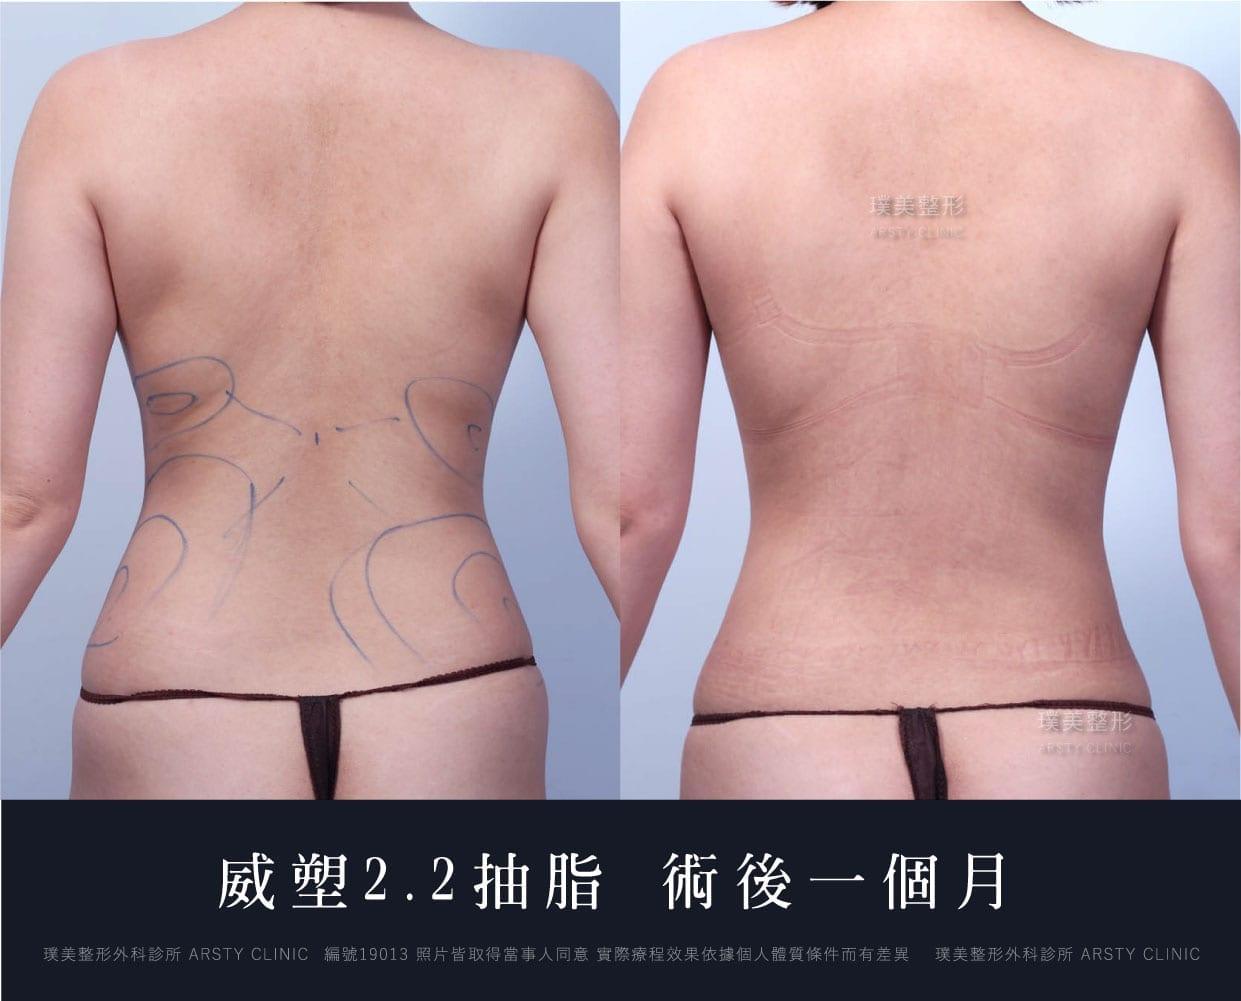 威塑抽脂2.2 - 資深整外醫師 美感精雕少女腰 - 璞美整形外科醫美診所